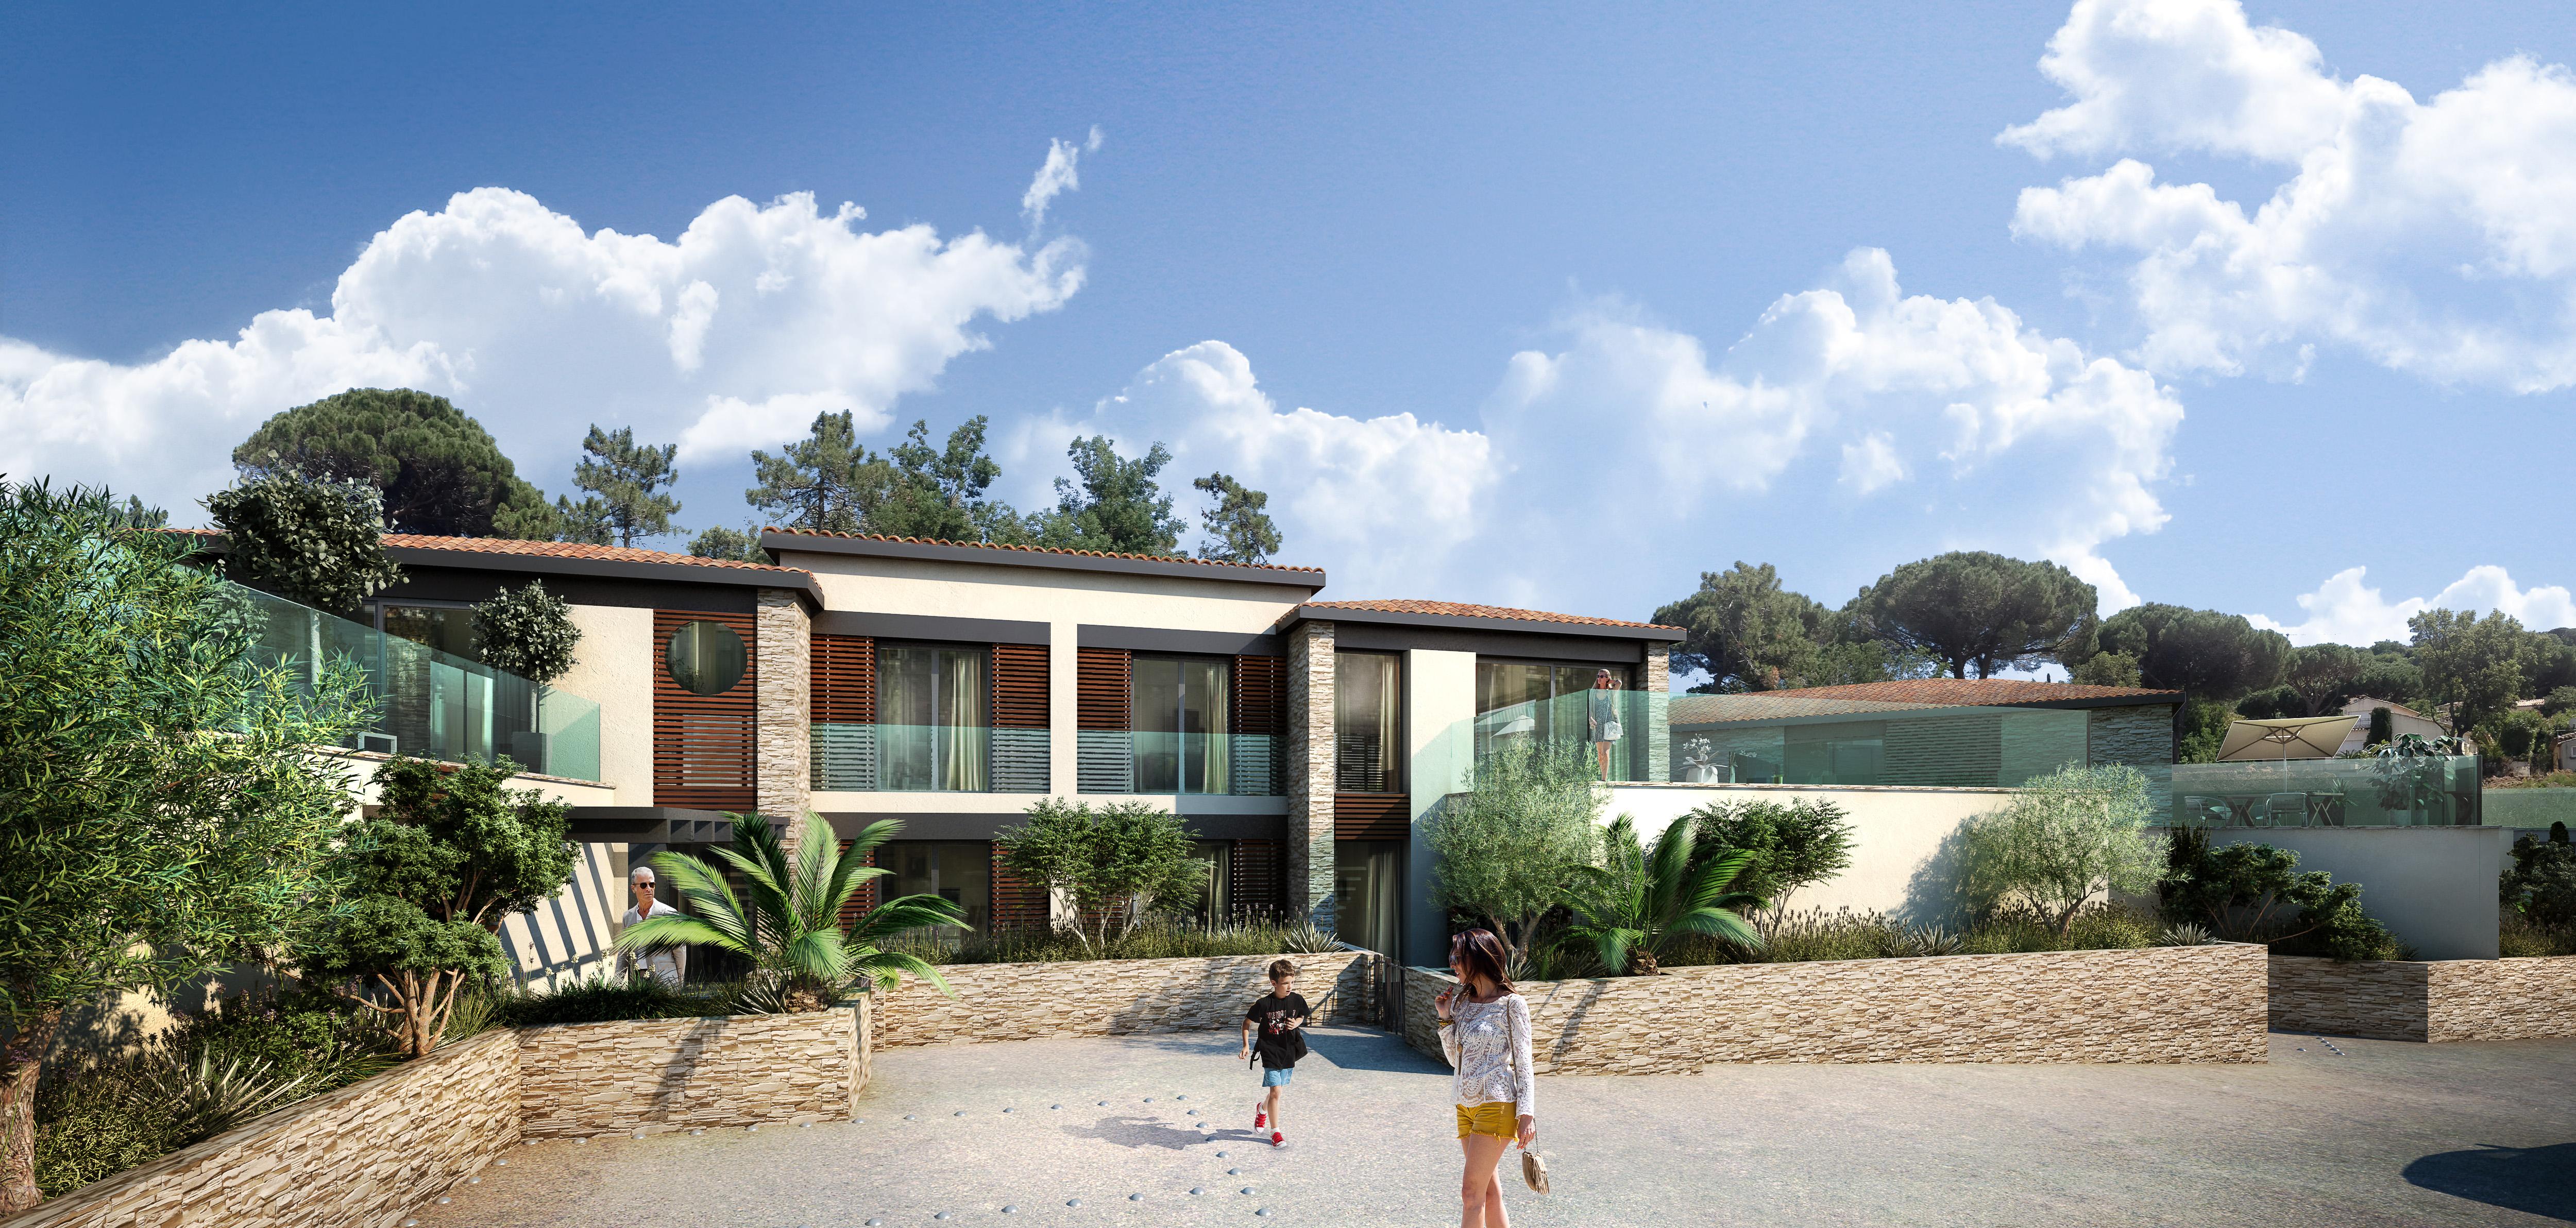 Villas Indygo_Vue 2